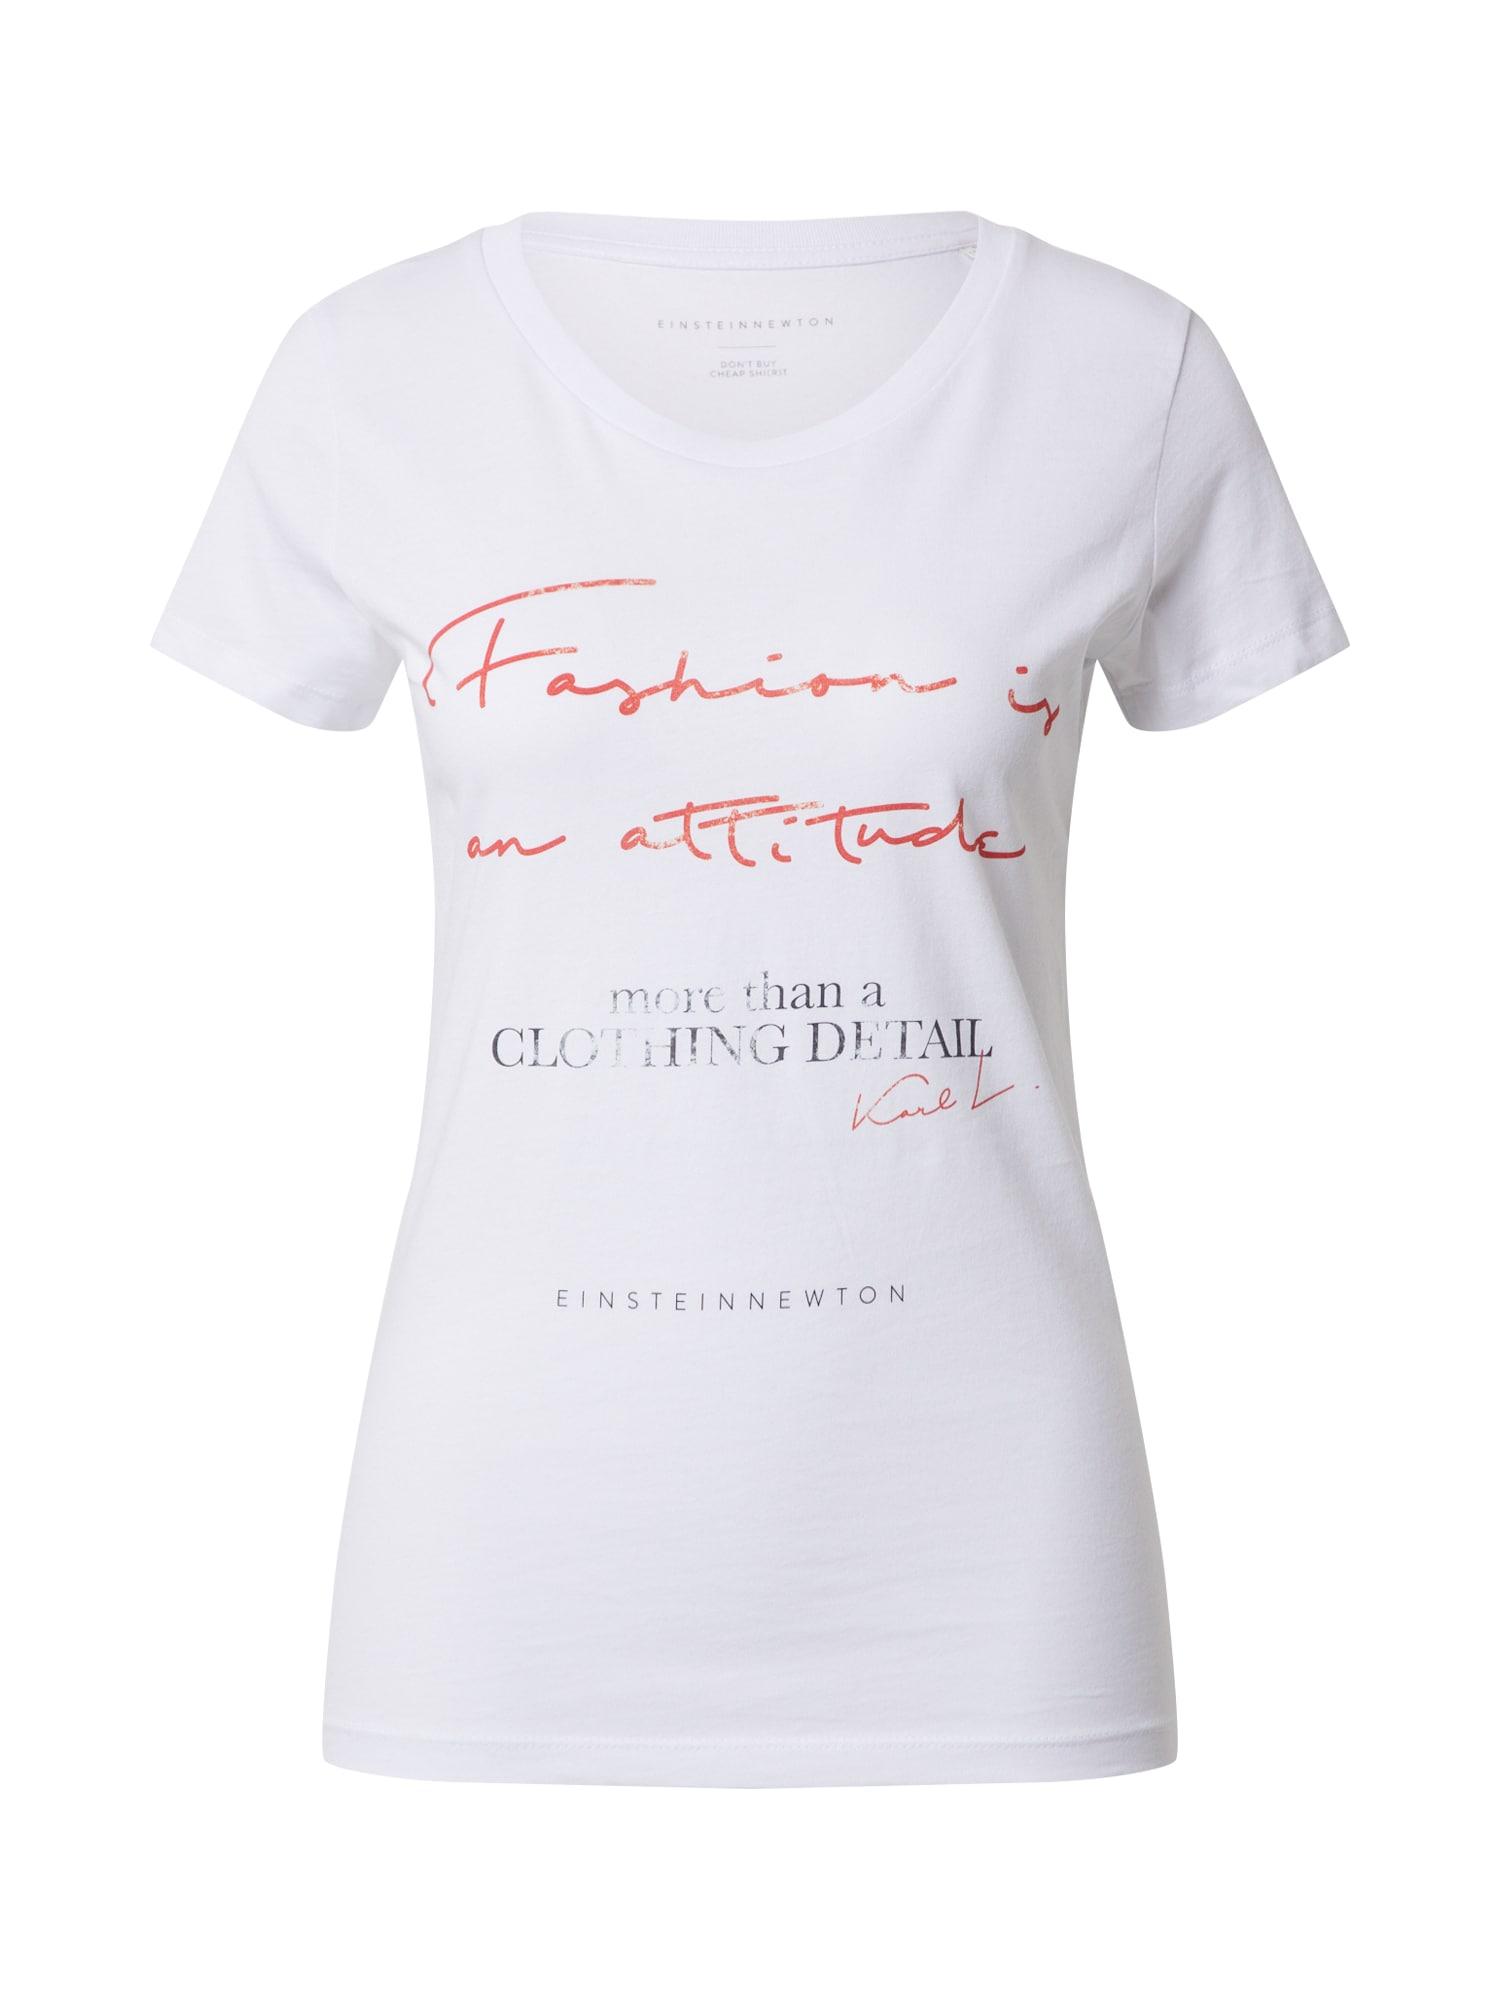 EINSTEIN & NEWTON Marškinėliai